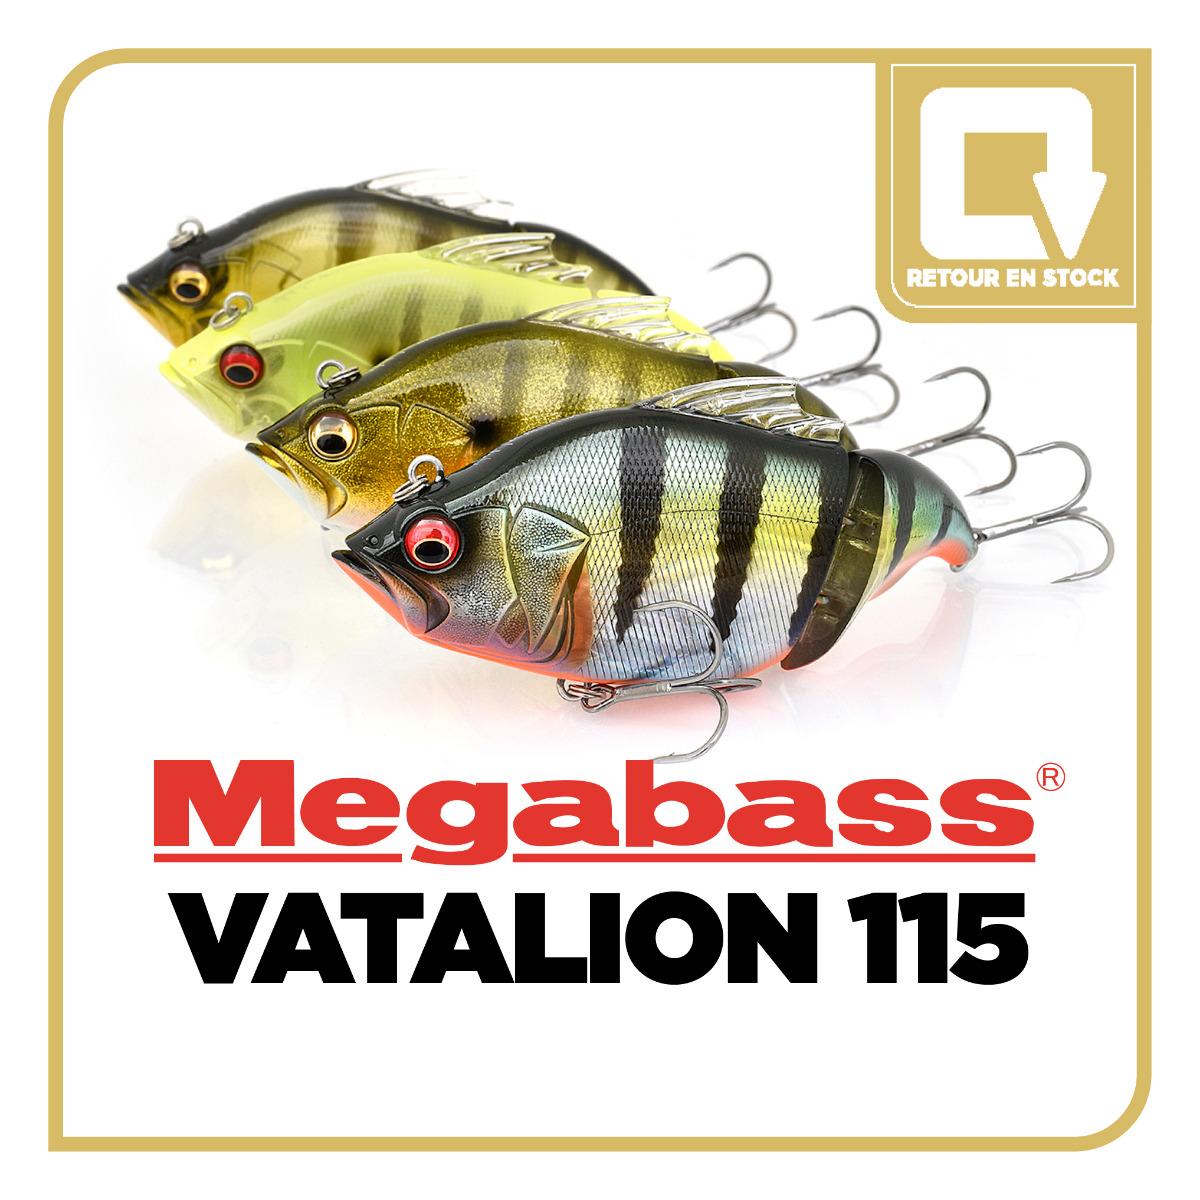 VATALION 115 F